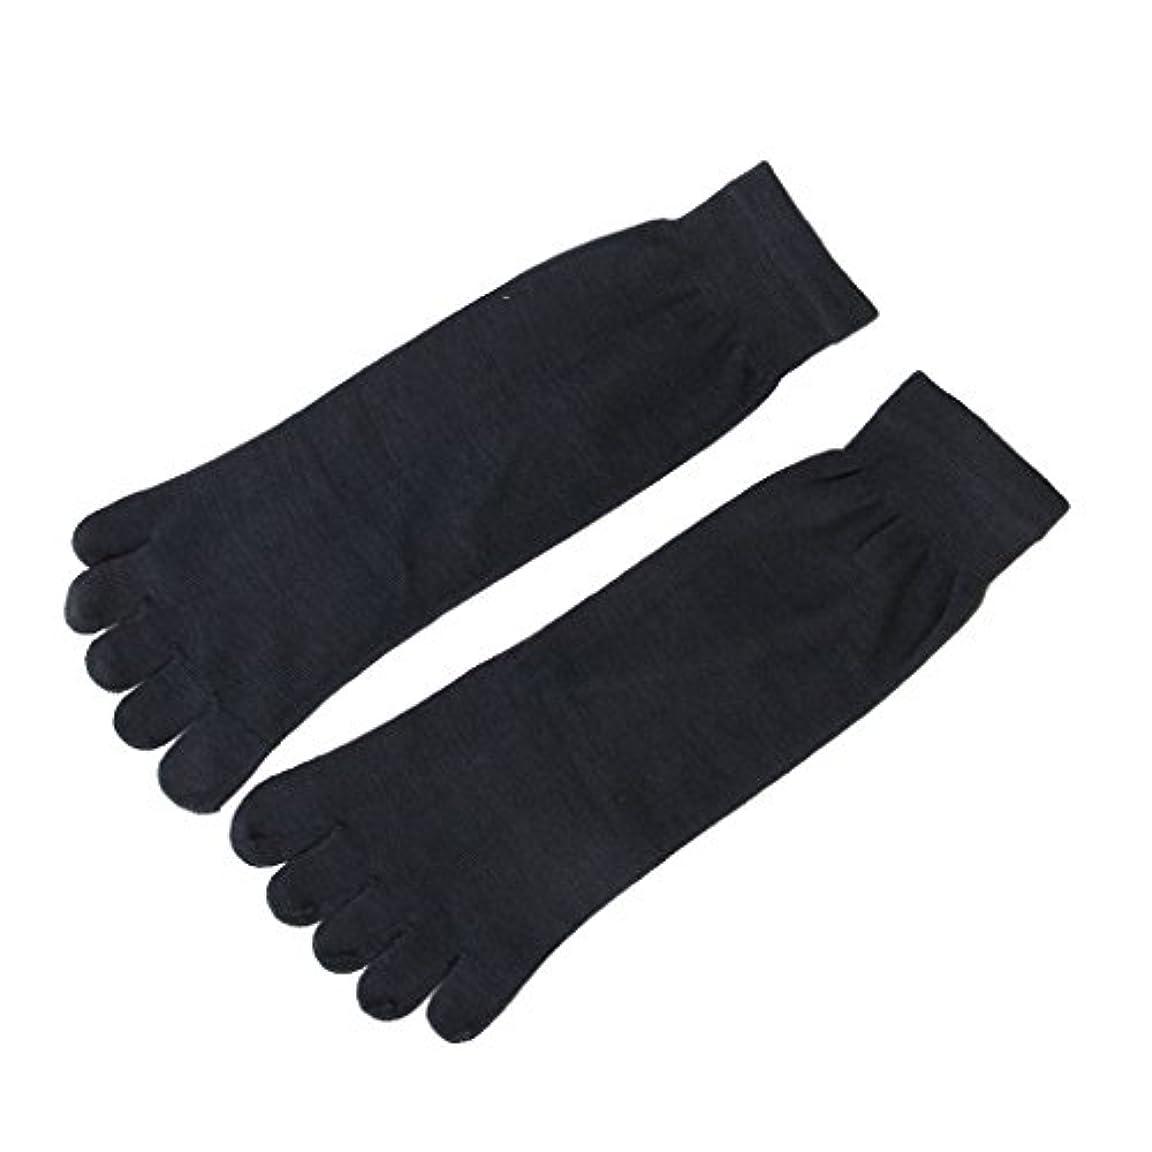 通り層買い物に行く【Footful】ソックス 靴下 くつ下 五本指ソックス サポートソックス 全4色 (ダークグレー)